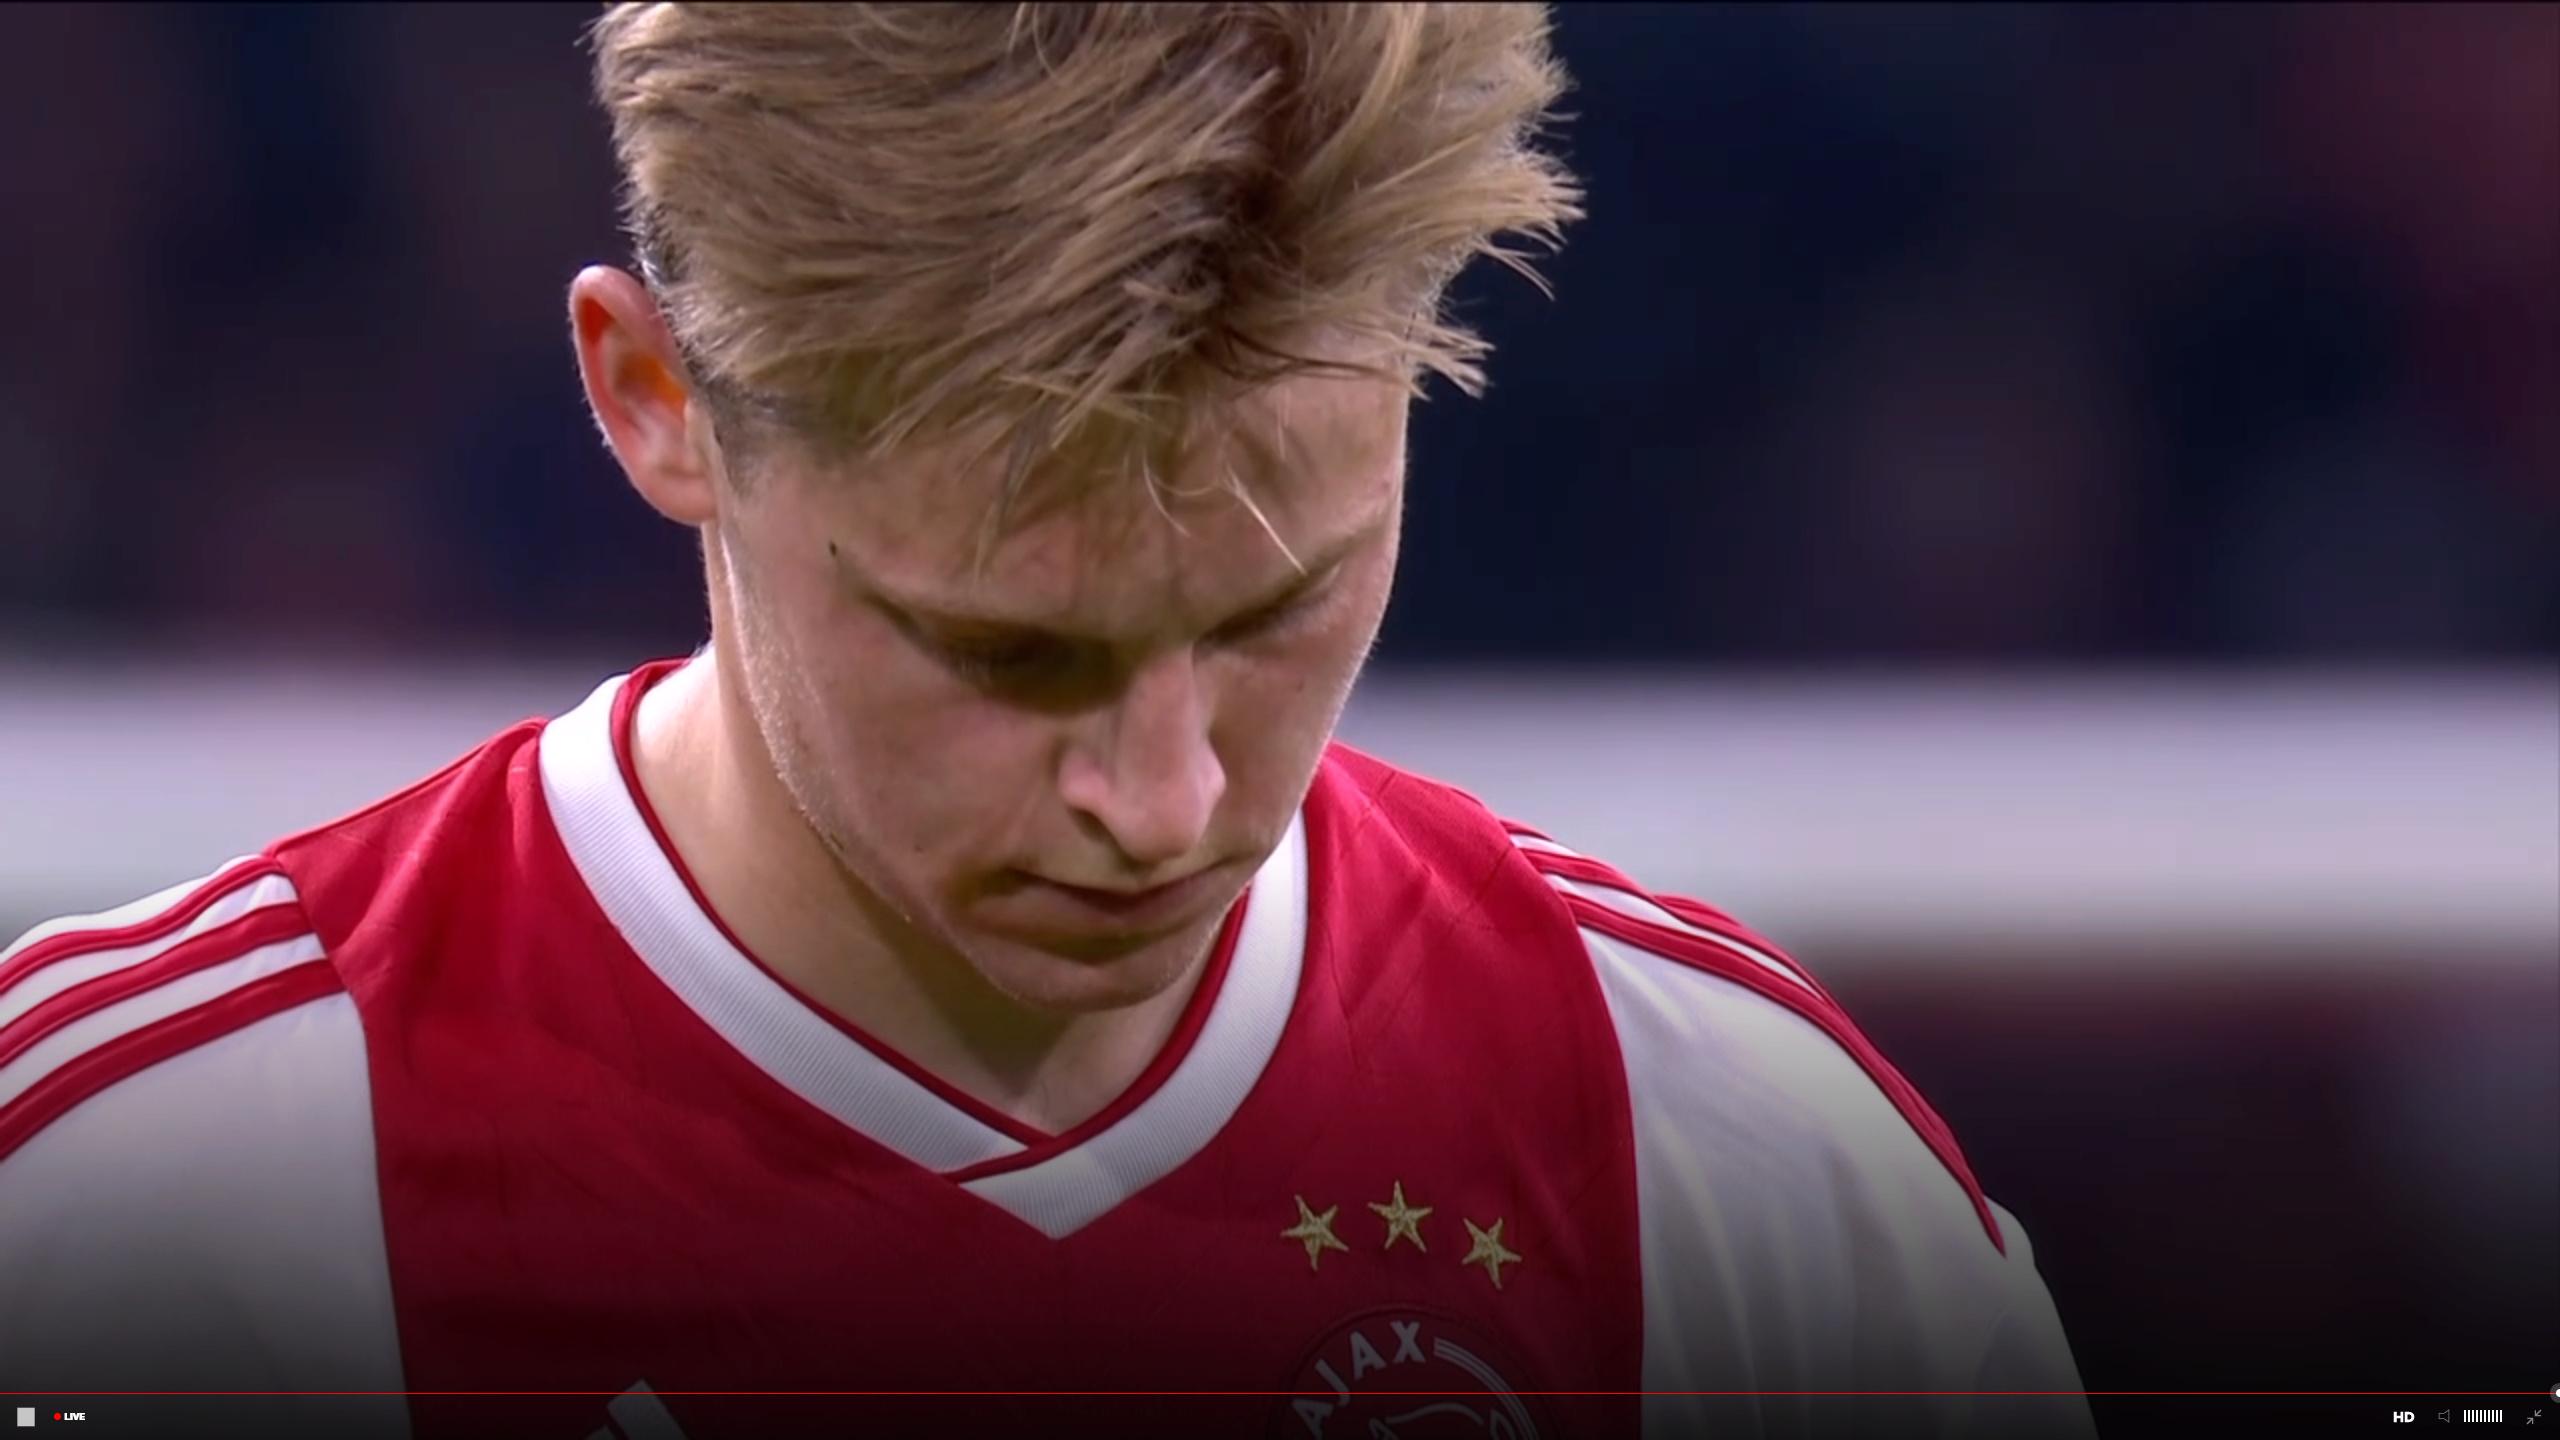 2018/19 UEFA Champions League Semi Final: Ajax vs Tottenham Hotspurs - Page 13 Dejong10